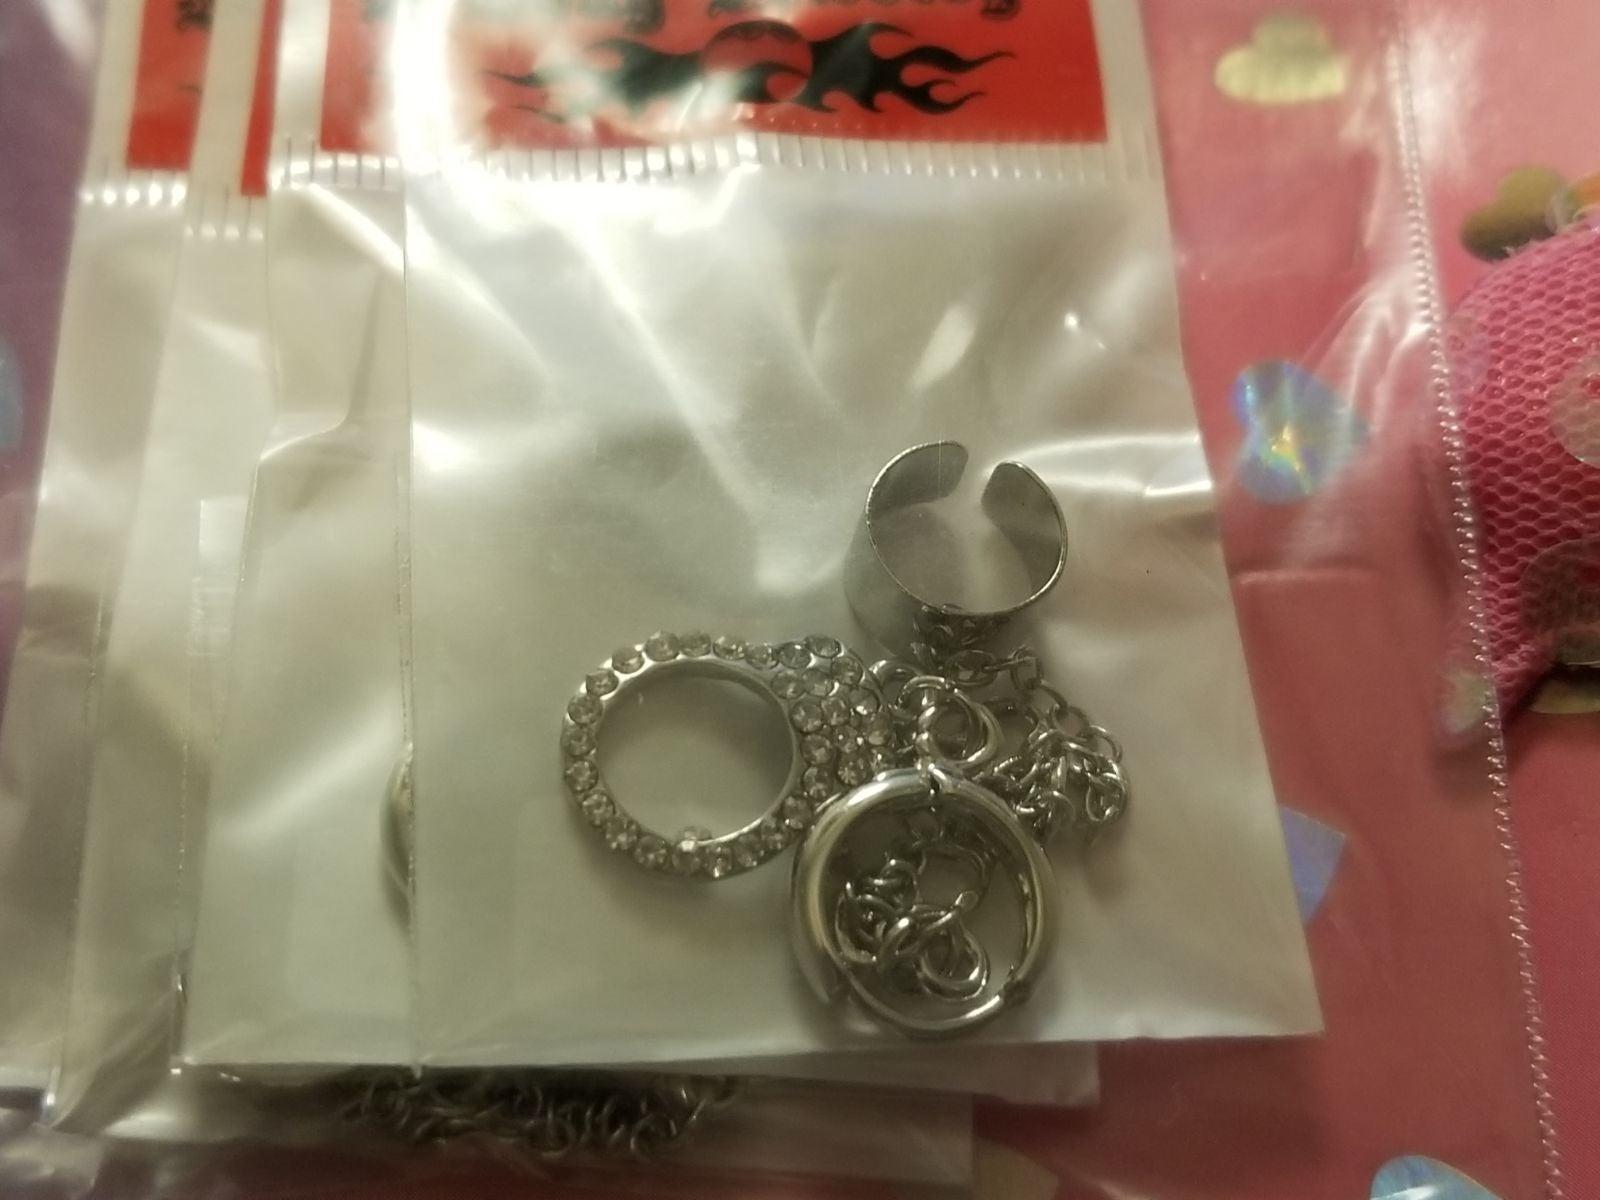 Handcuffs Cuff Earrings 1 pair